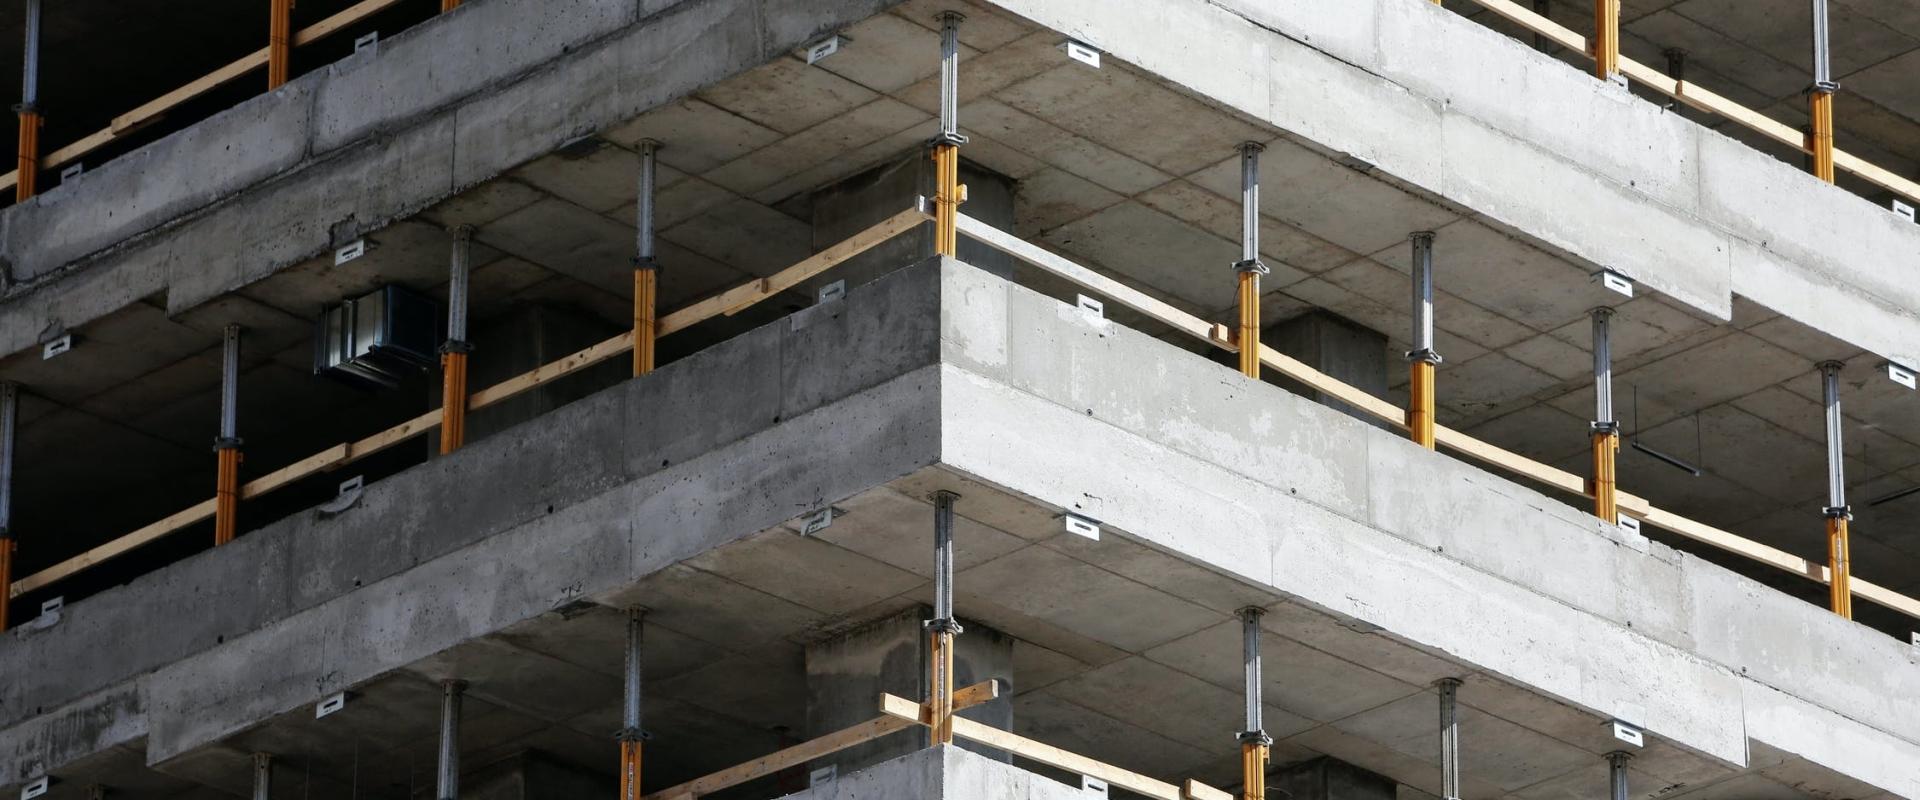 Nieuwbouw kantoren met opslagloods